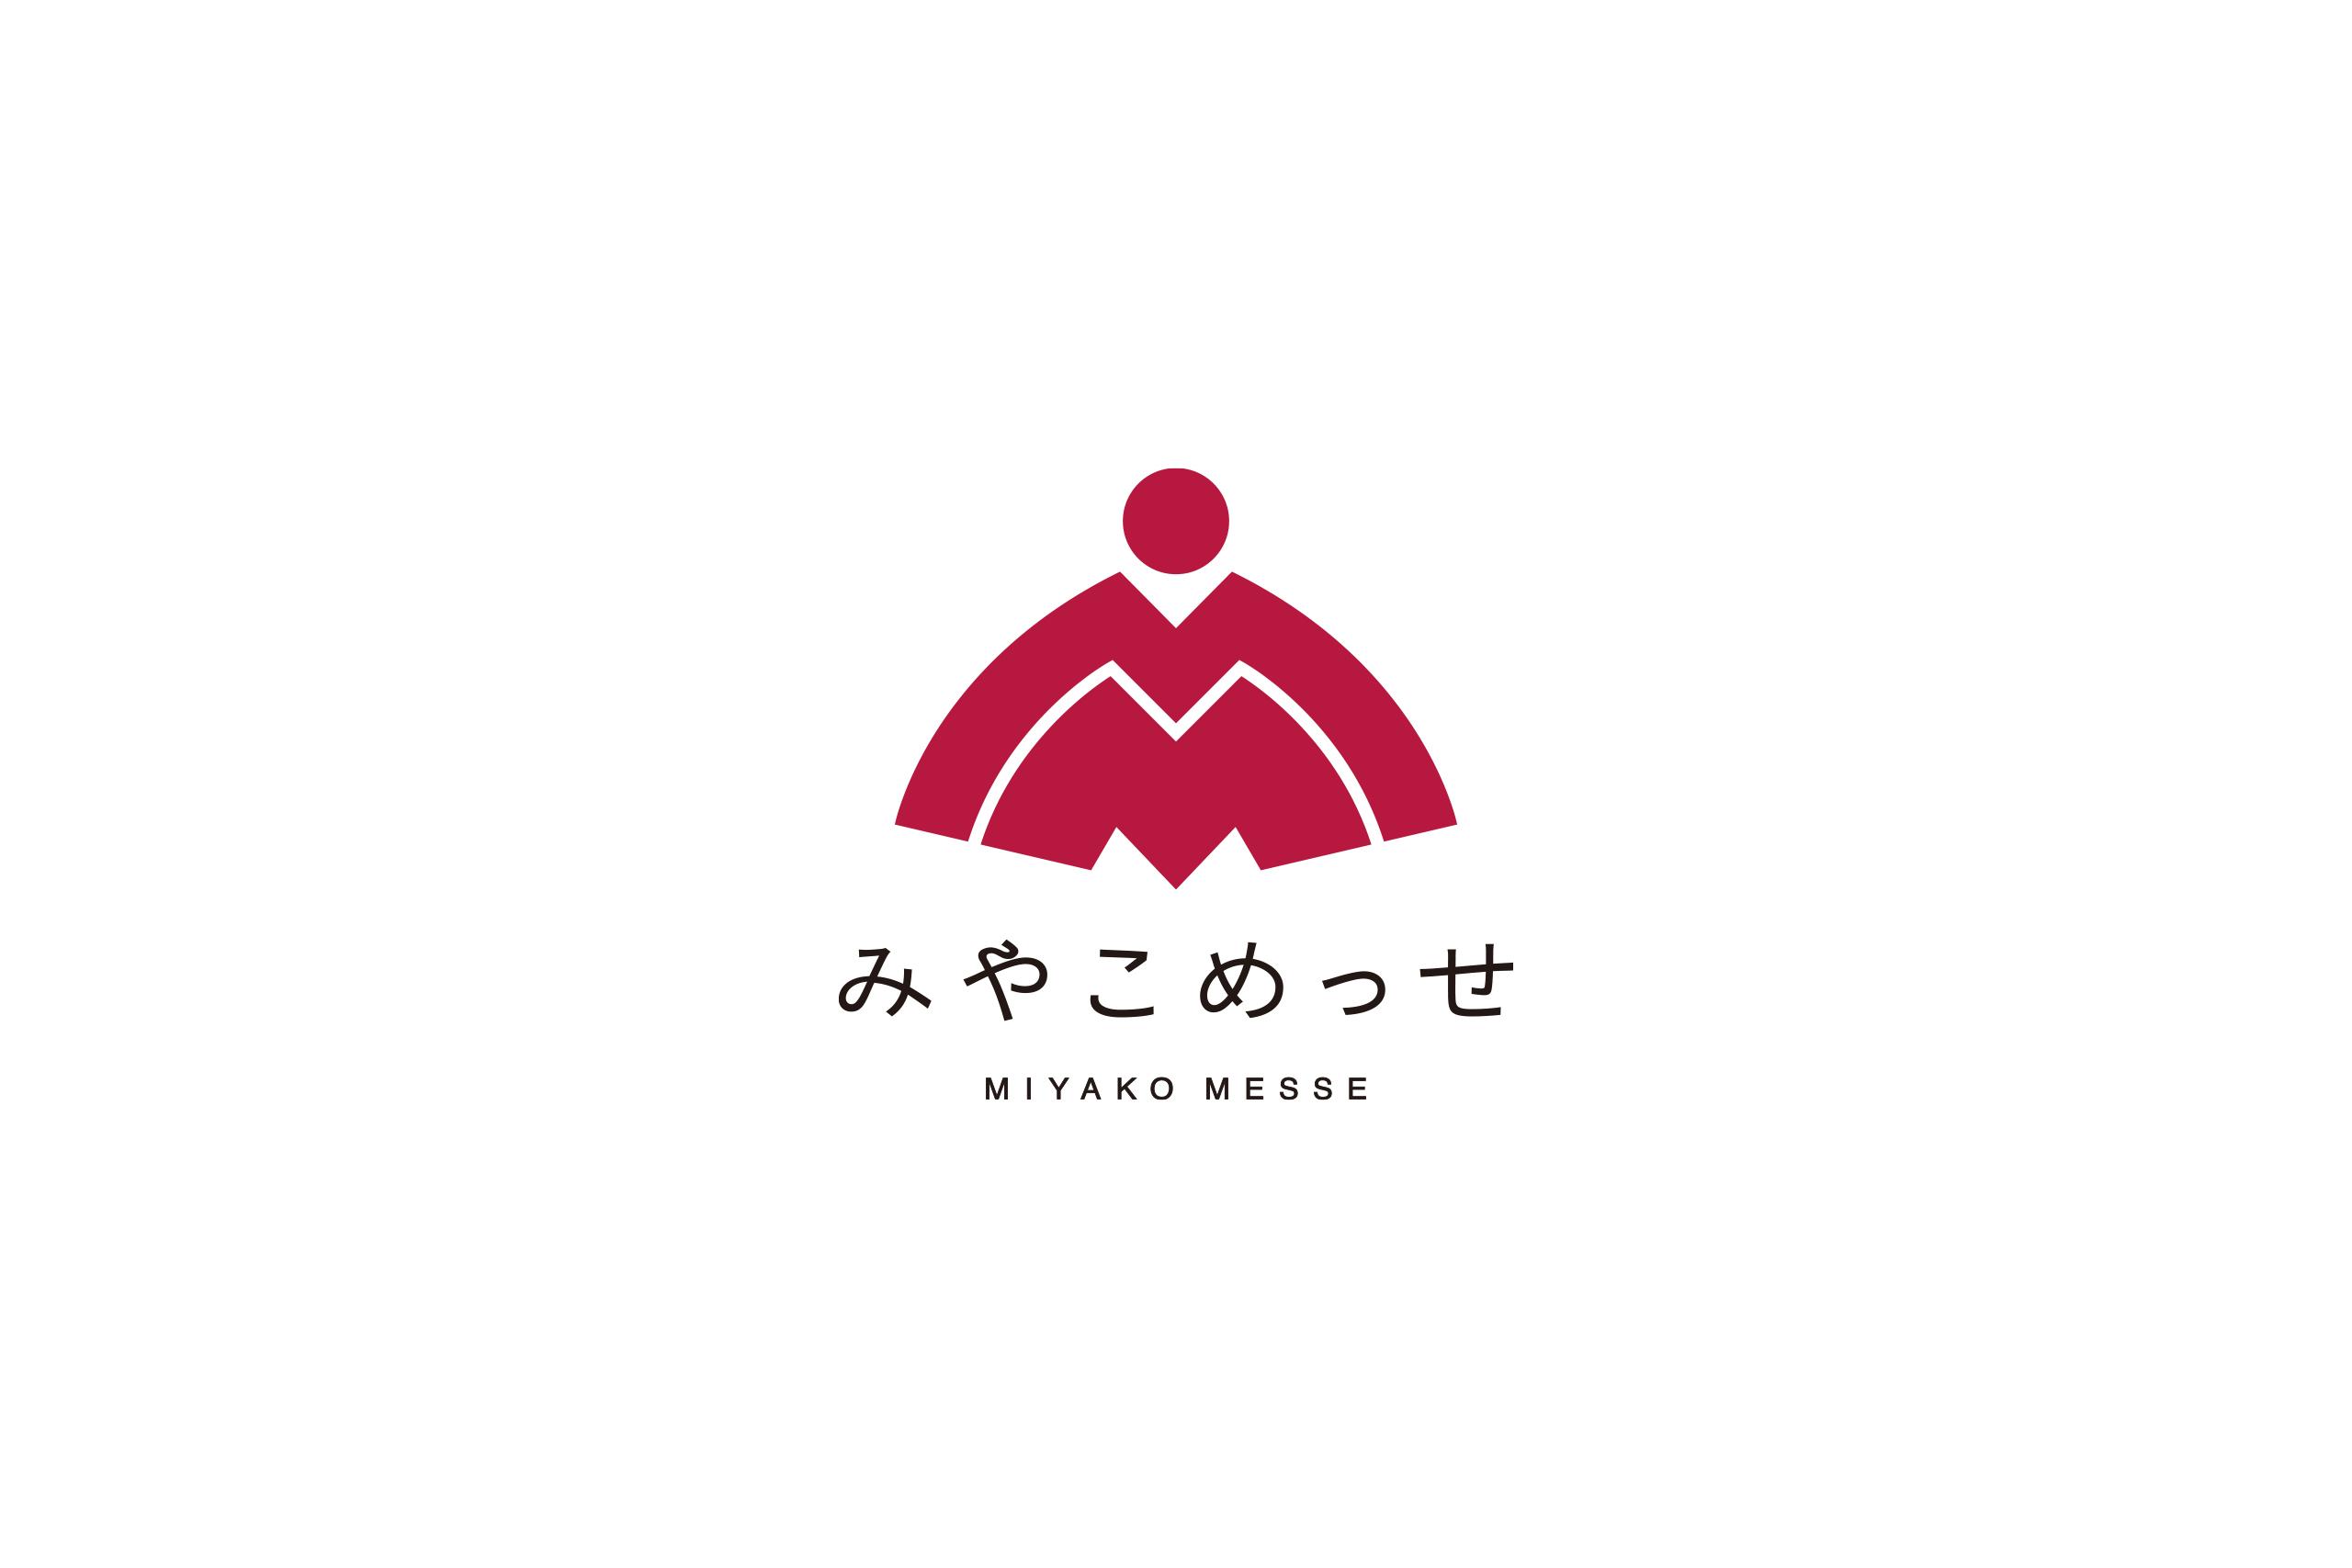 miyako_messe_logo0001